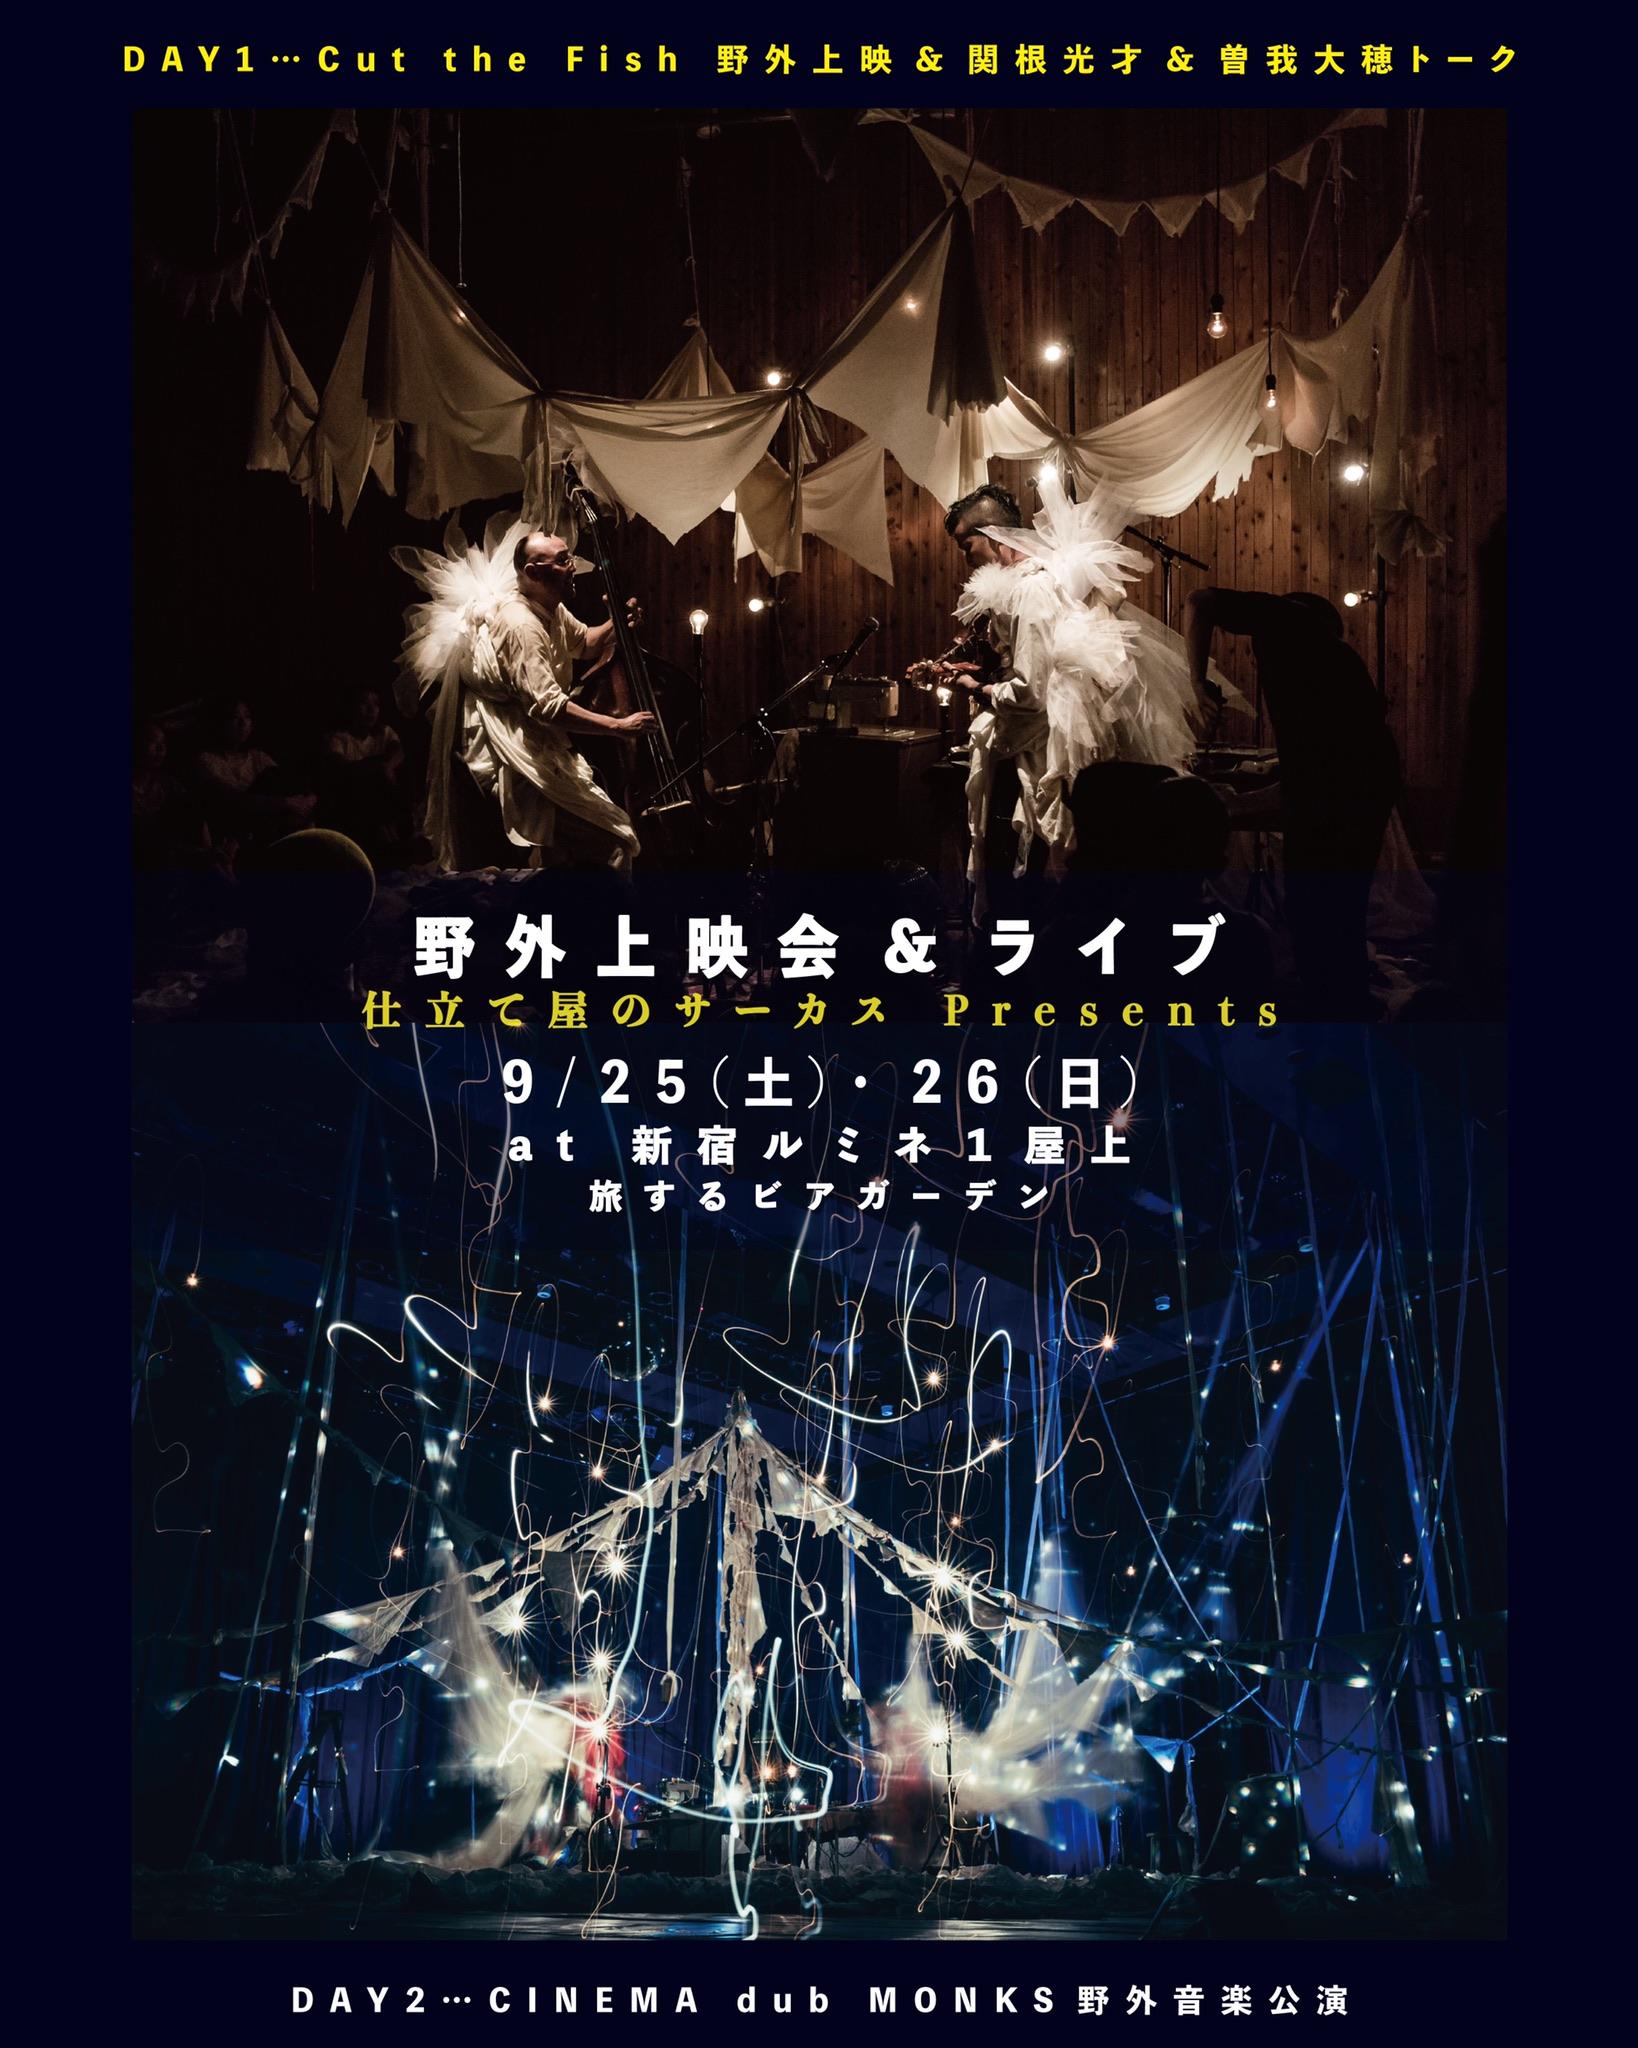 """9/25(土)「 初日」野外上映会 ( 仕立て屋のサーカスpresents """" 野外上映会 & トークショー """" )"""